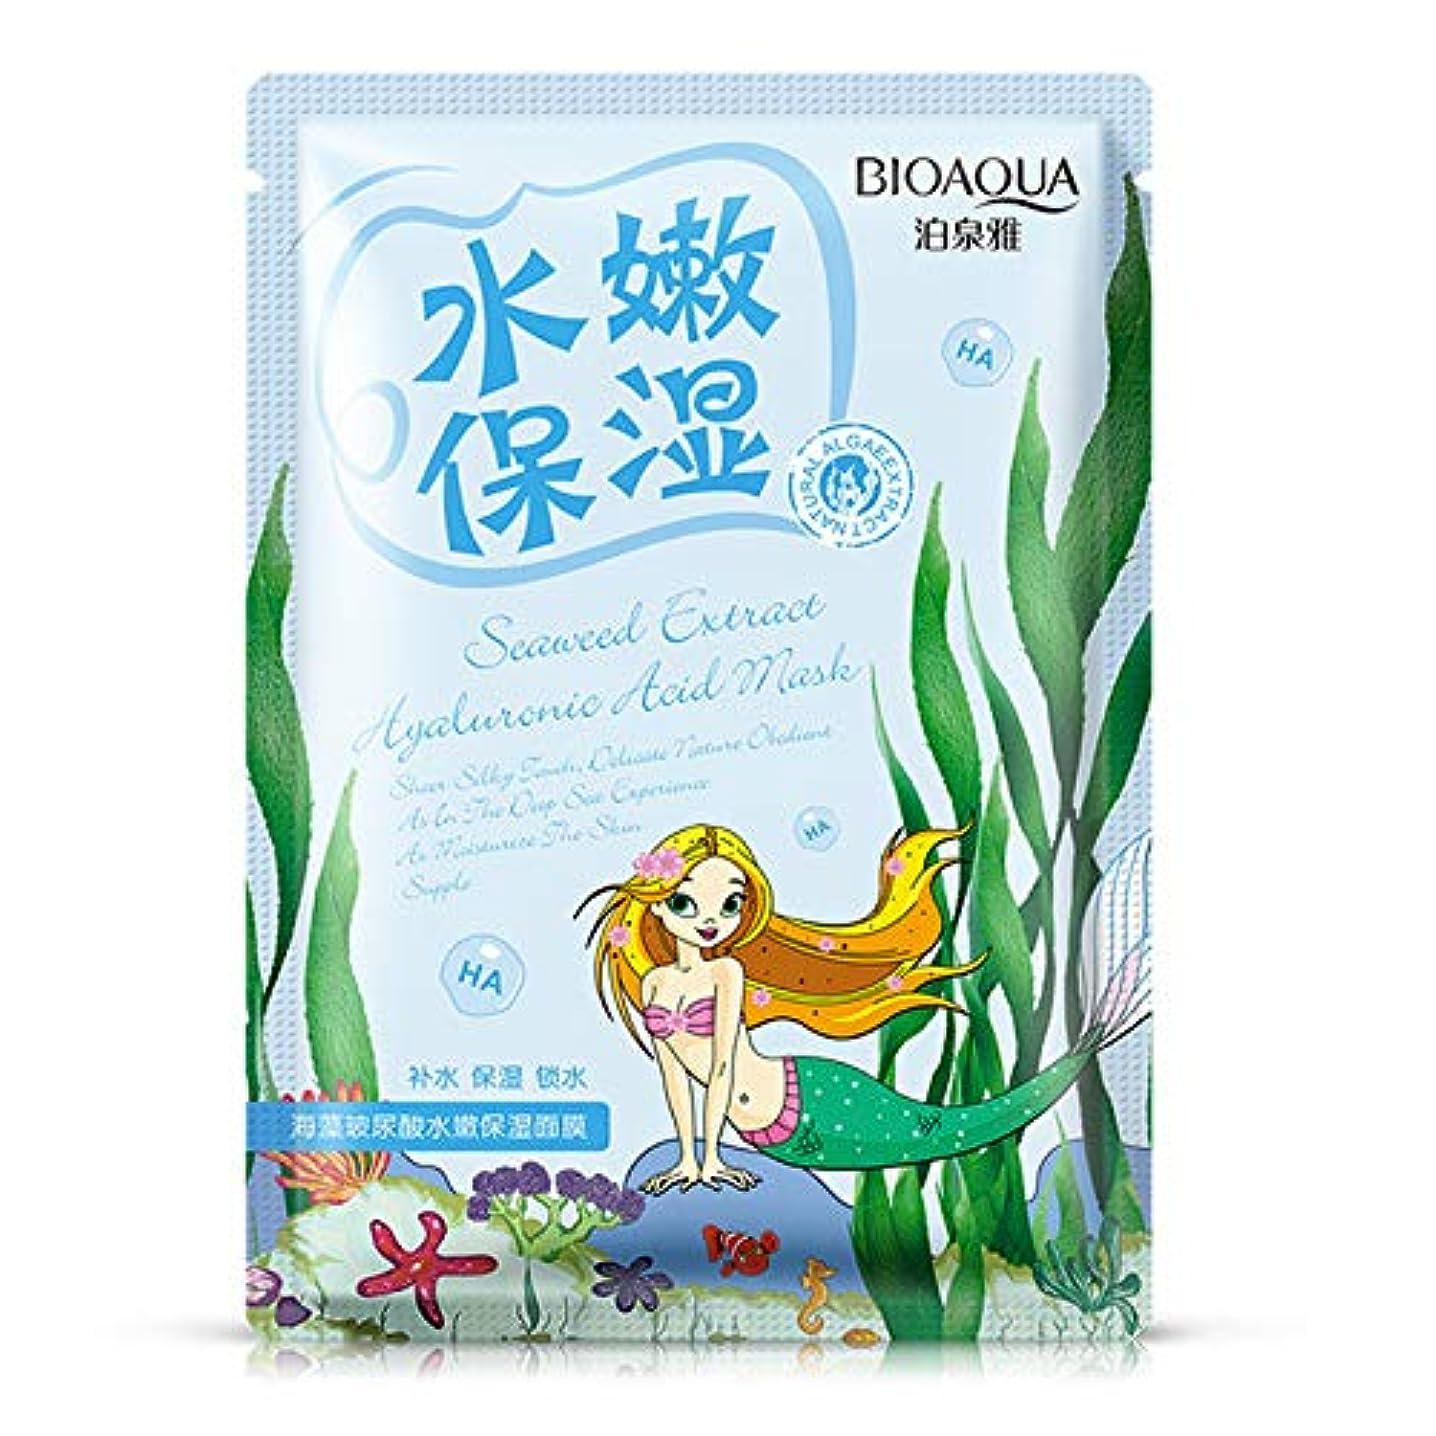 クランプ要旨バーチャルACHICOO 保湿パック 潤い スキンケア マスク 白く 女性 化粧 メイクアップ ファッション